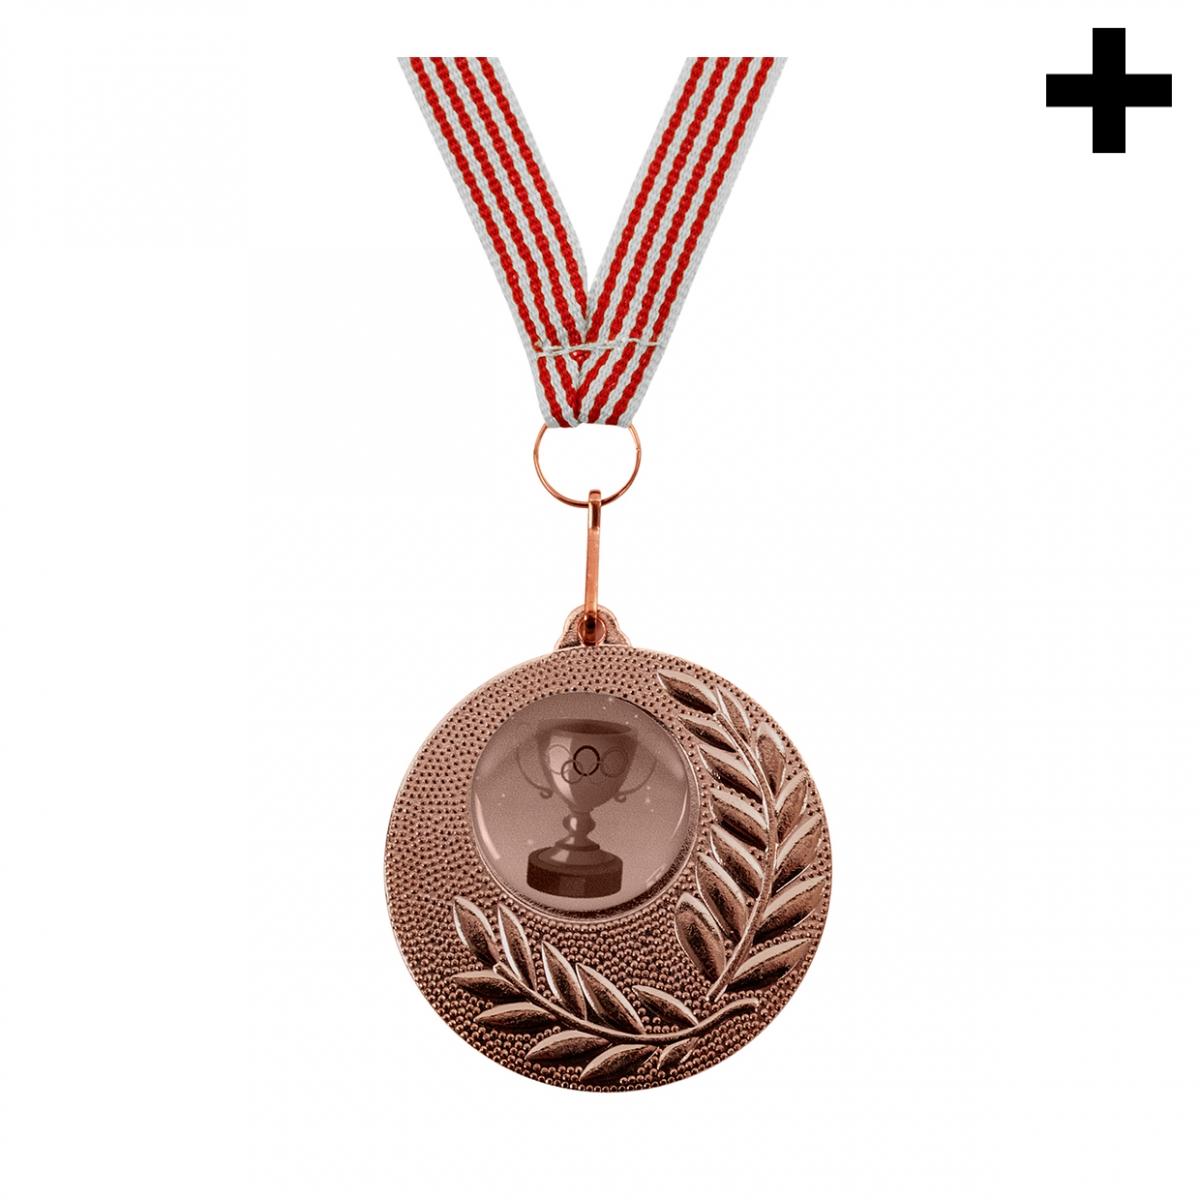 Imagen en la que se ve el plural del concepto medalla de bronce